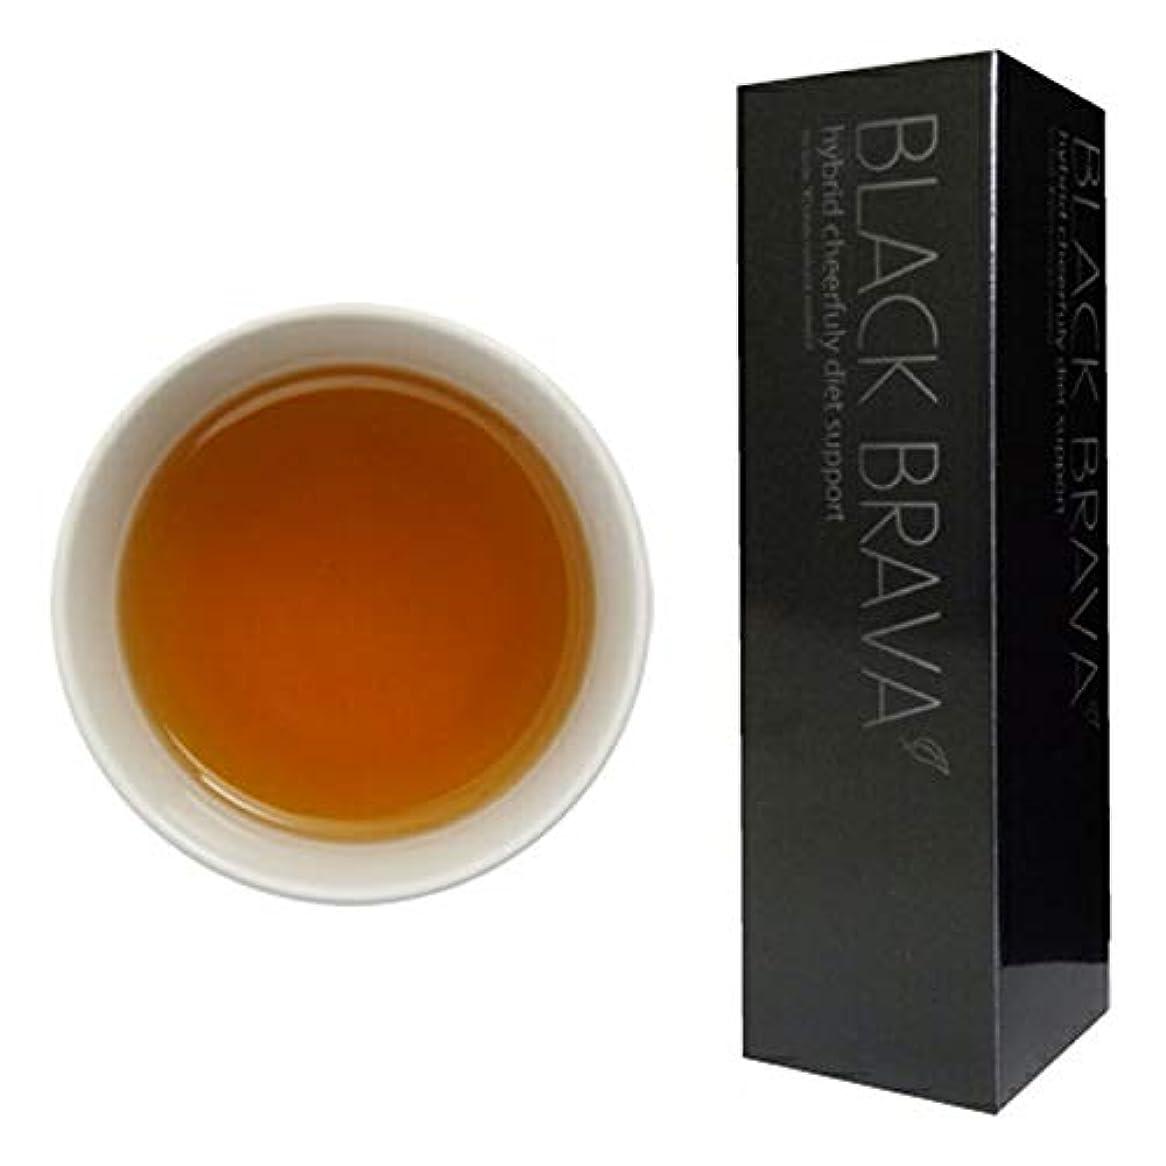 ネックレット牧師申請者ブラバ が進化 ダイエットティー ハイブリッド チアフリー ダイエットサポート ブラックブラバ ブラバ茶 3本セット